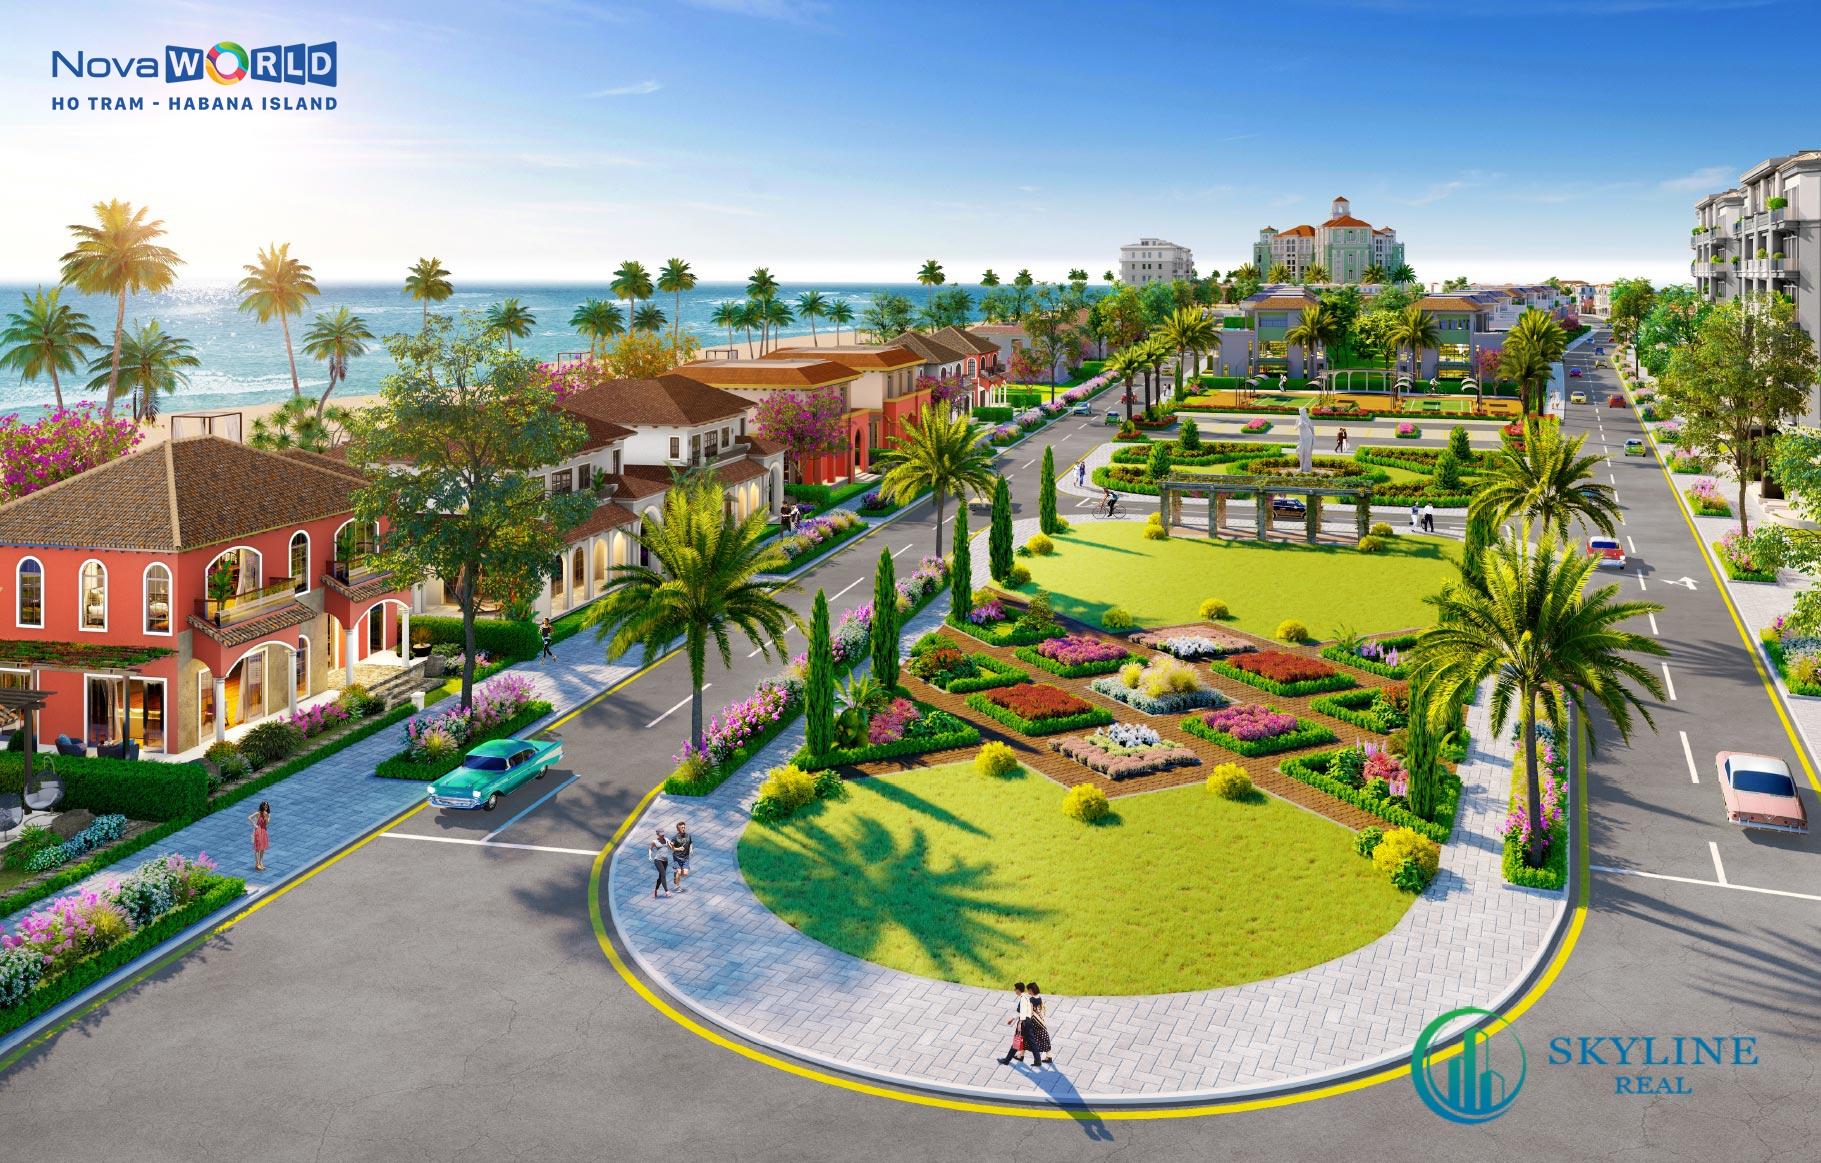 Tiện ích nội khu Habana Hồ Tràm Novaland